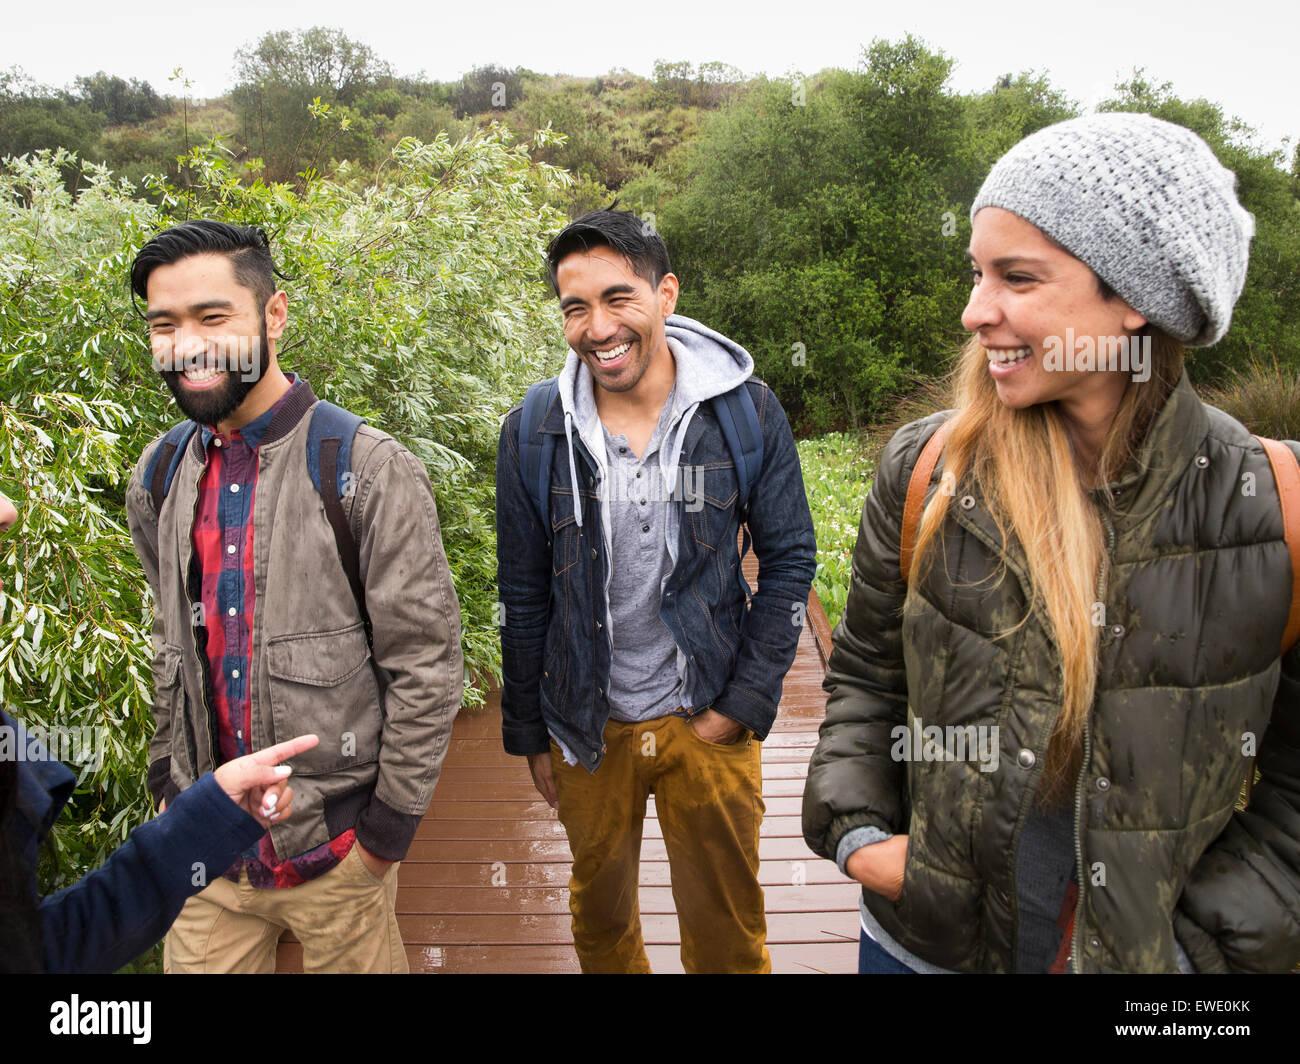 Souriante jeune femme et deux jeunes hommes marchant dans un parc Photo Stock